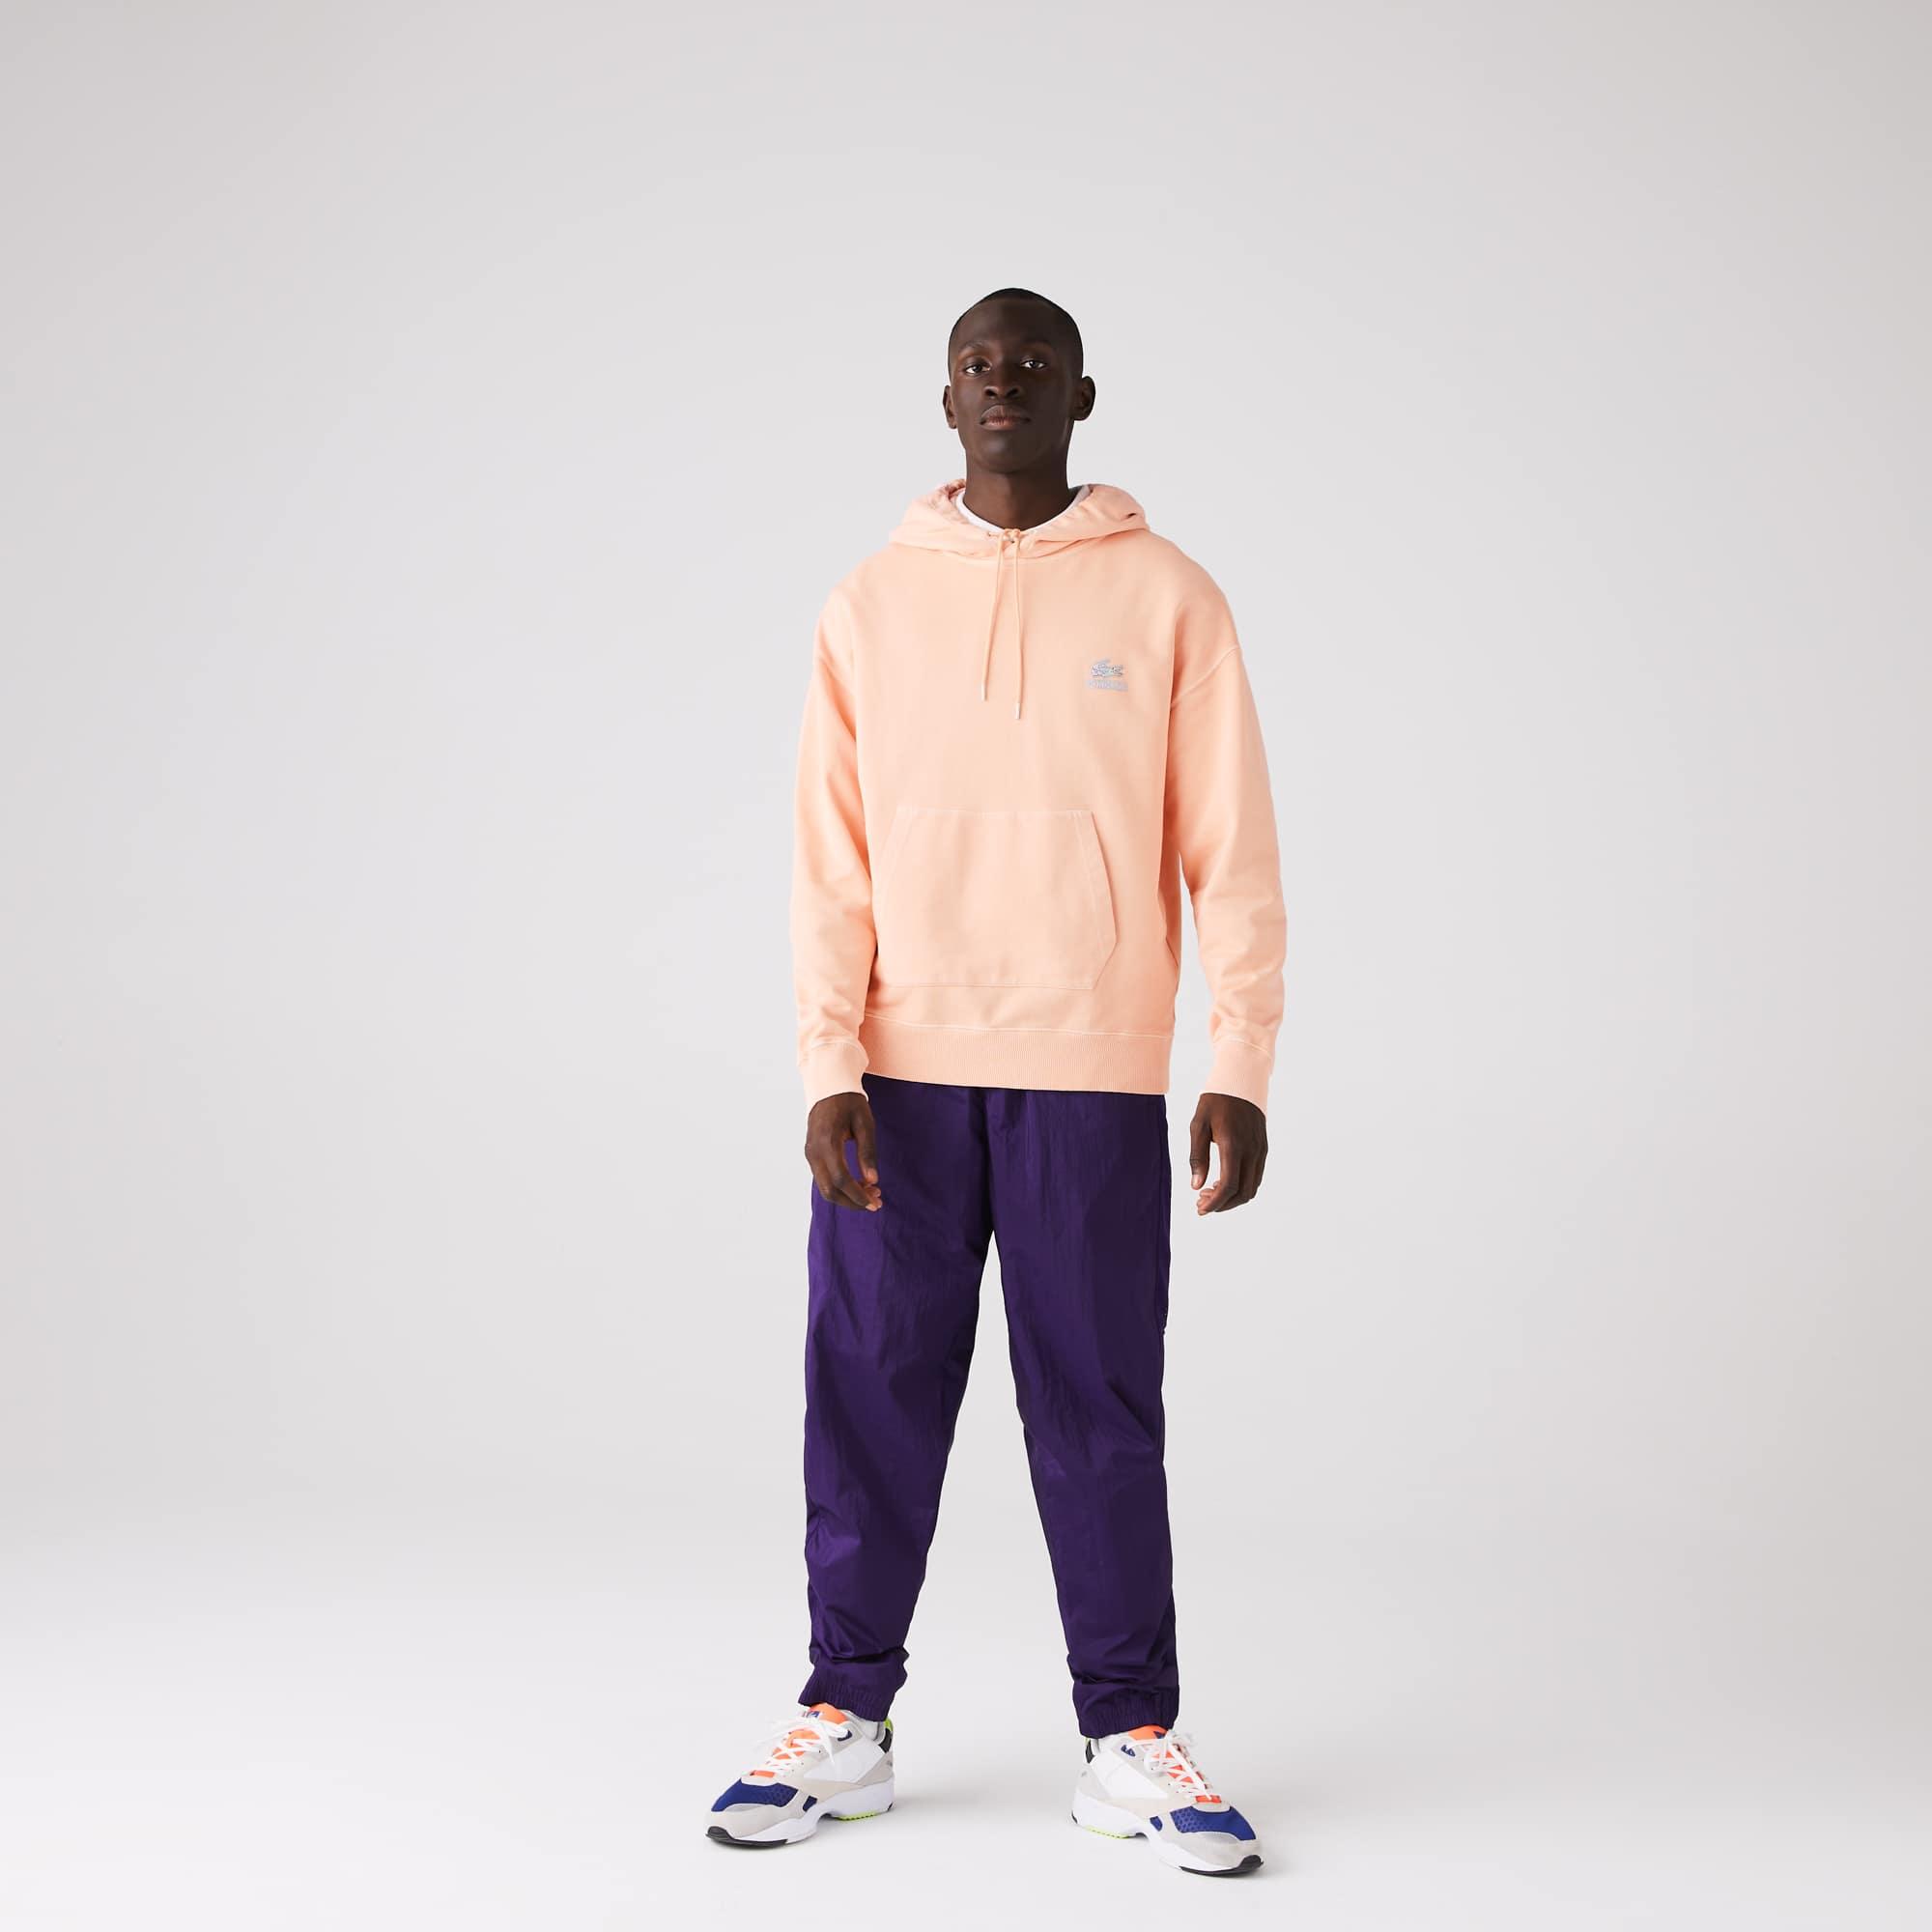 라코스테 맨 후드티 Lacoste Mens CONCEPTS Collaboration Hooded Fleece Sweatshirt,Pink YZ7